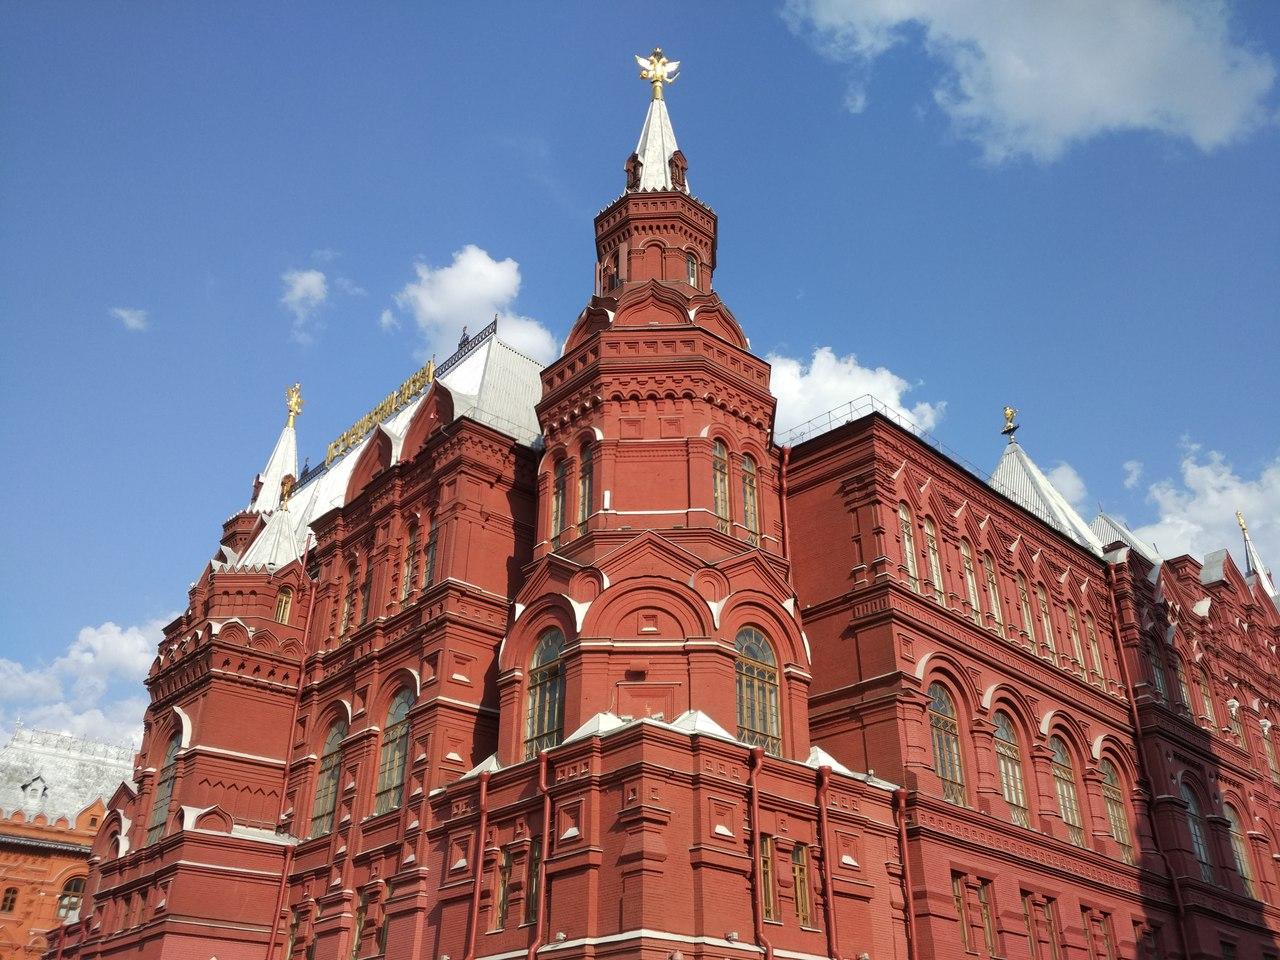 Архитектурная красота Москвы ))). Блиц: Москва